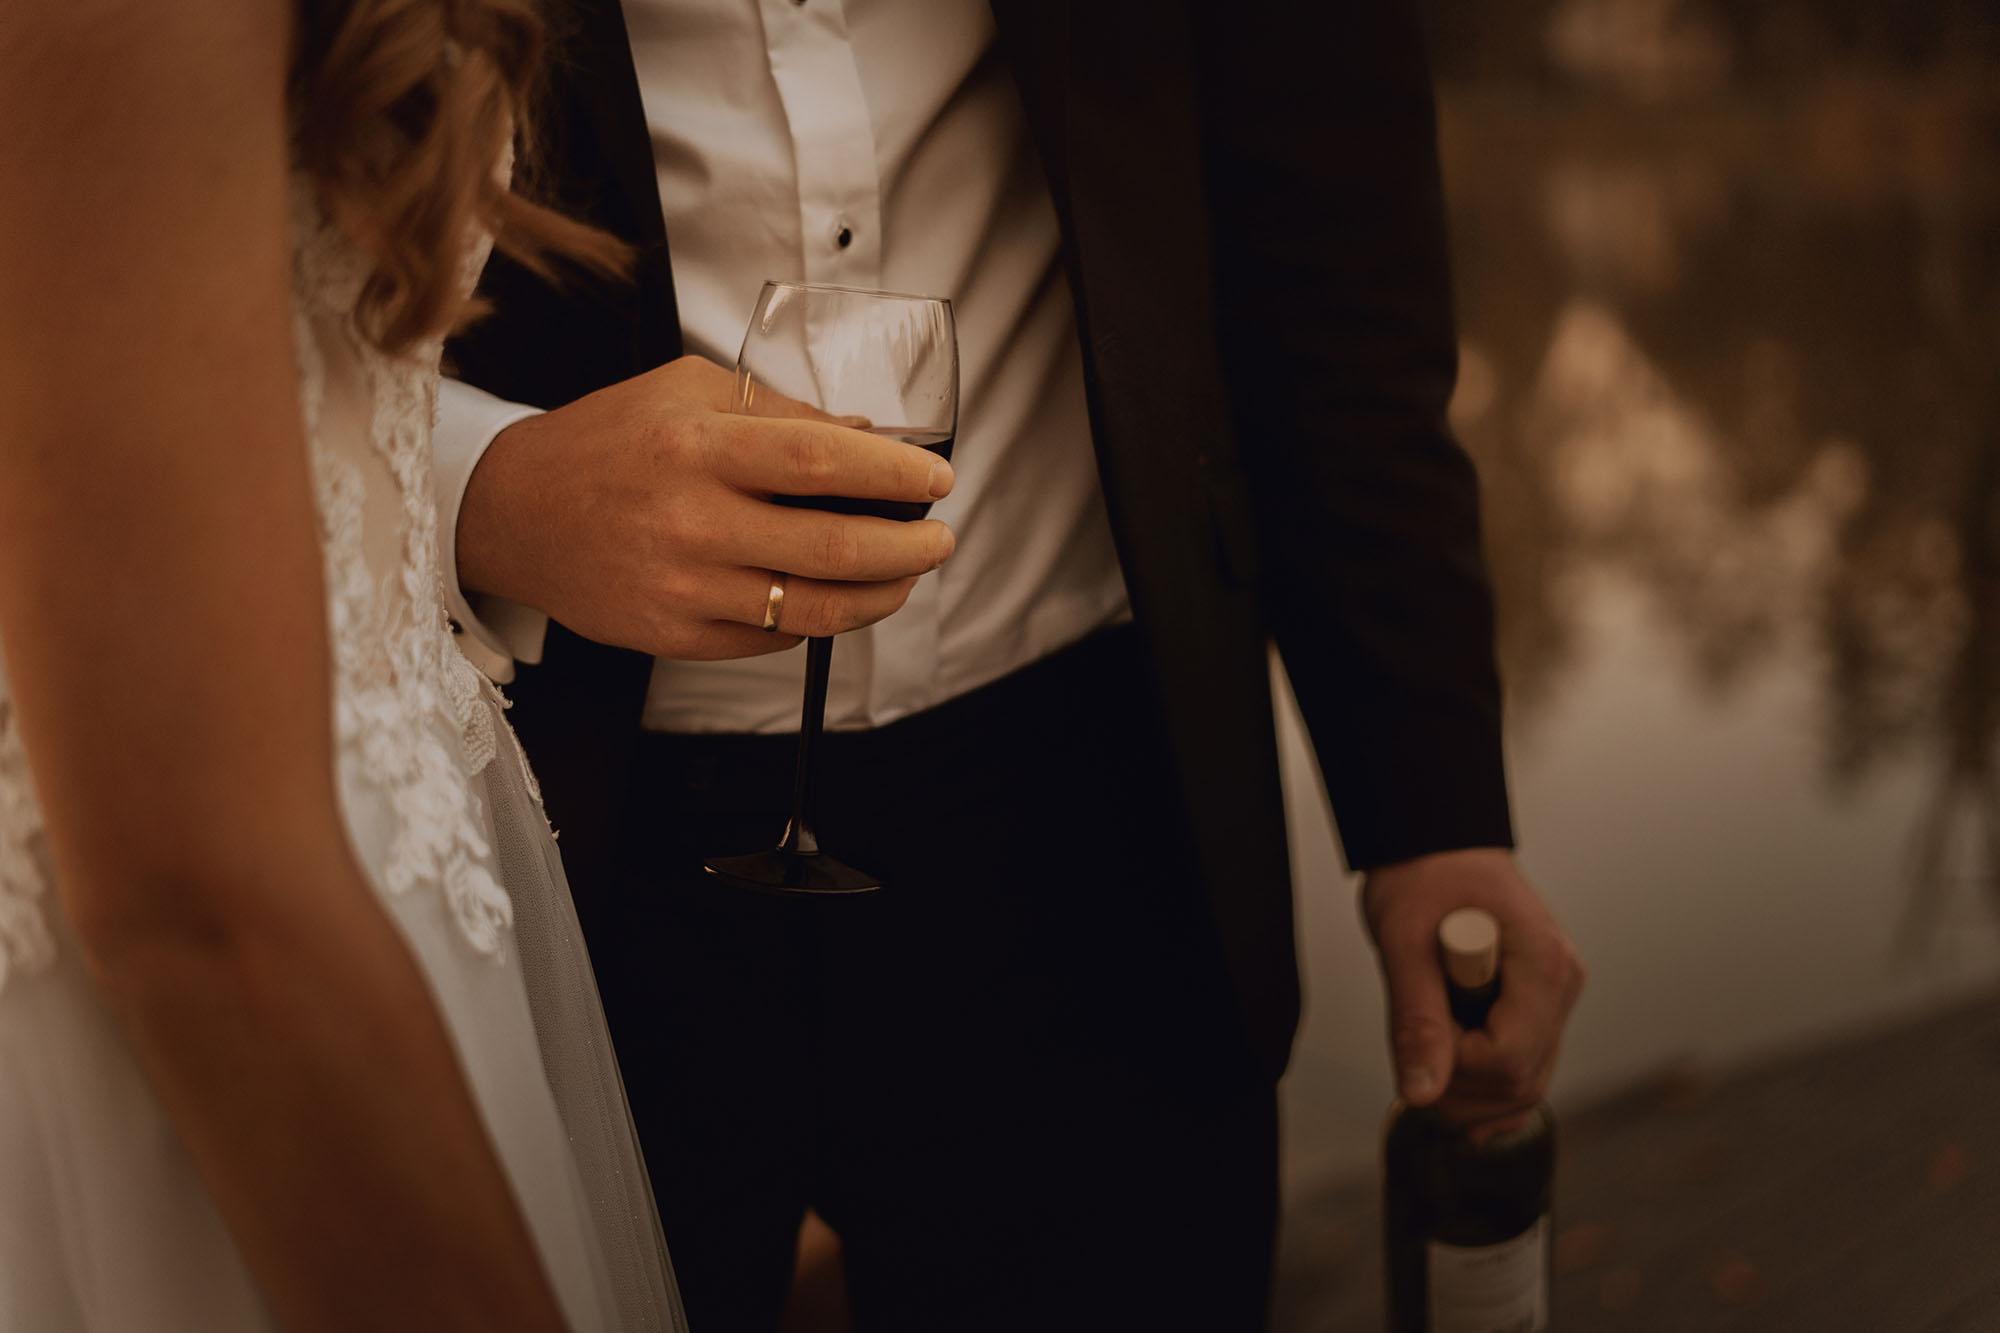 sesja slubna na lodce palac suchary00061 - Sesja ślubna przy Pałacu Suchary